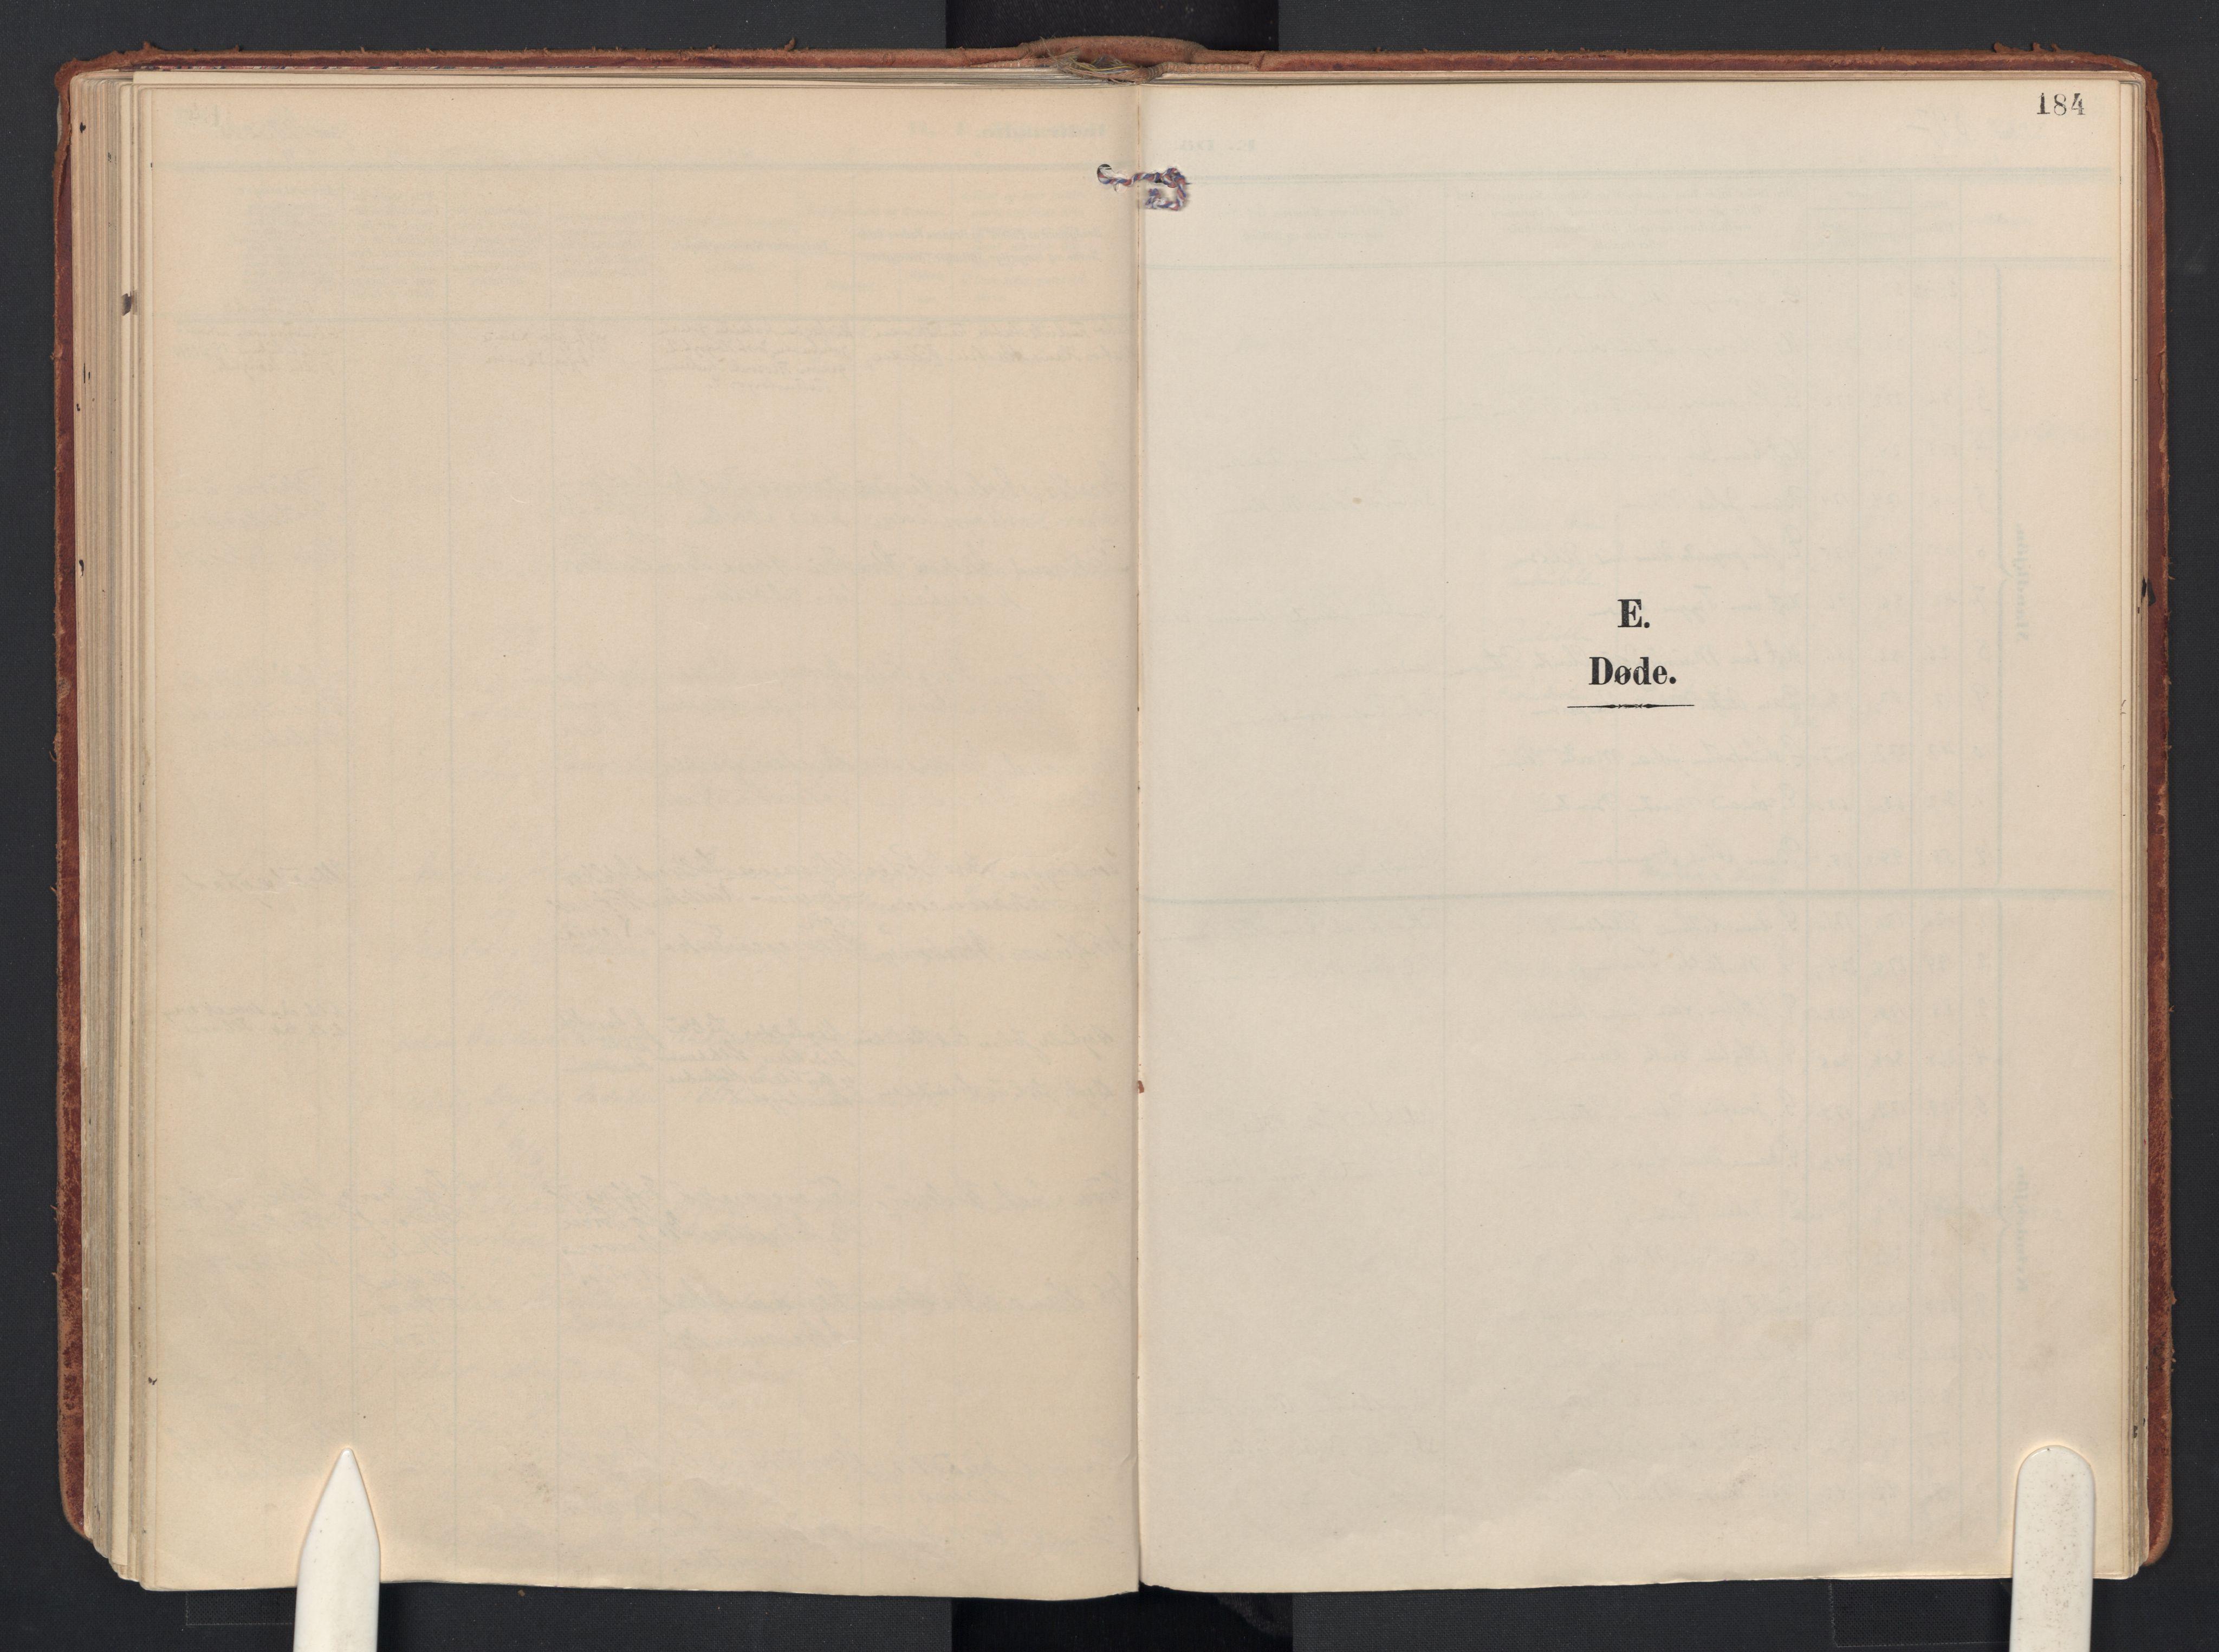 SAO, Drøbak prestekontor Kirkebøker, F/Fb/L0003: Ministerialbok nr. II 3, 1897-1918, s. 184